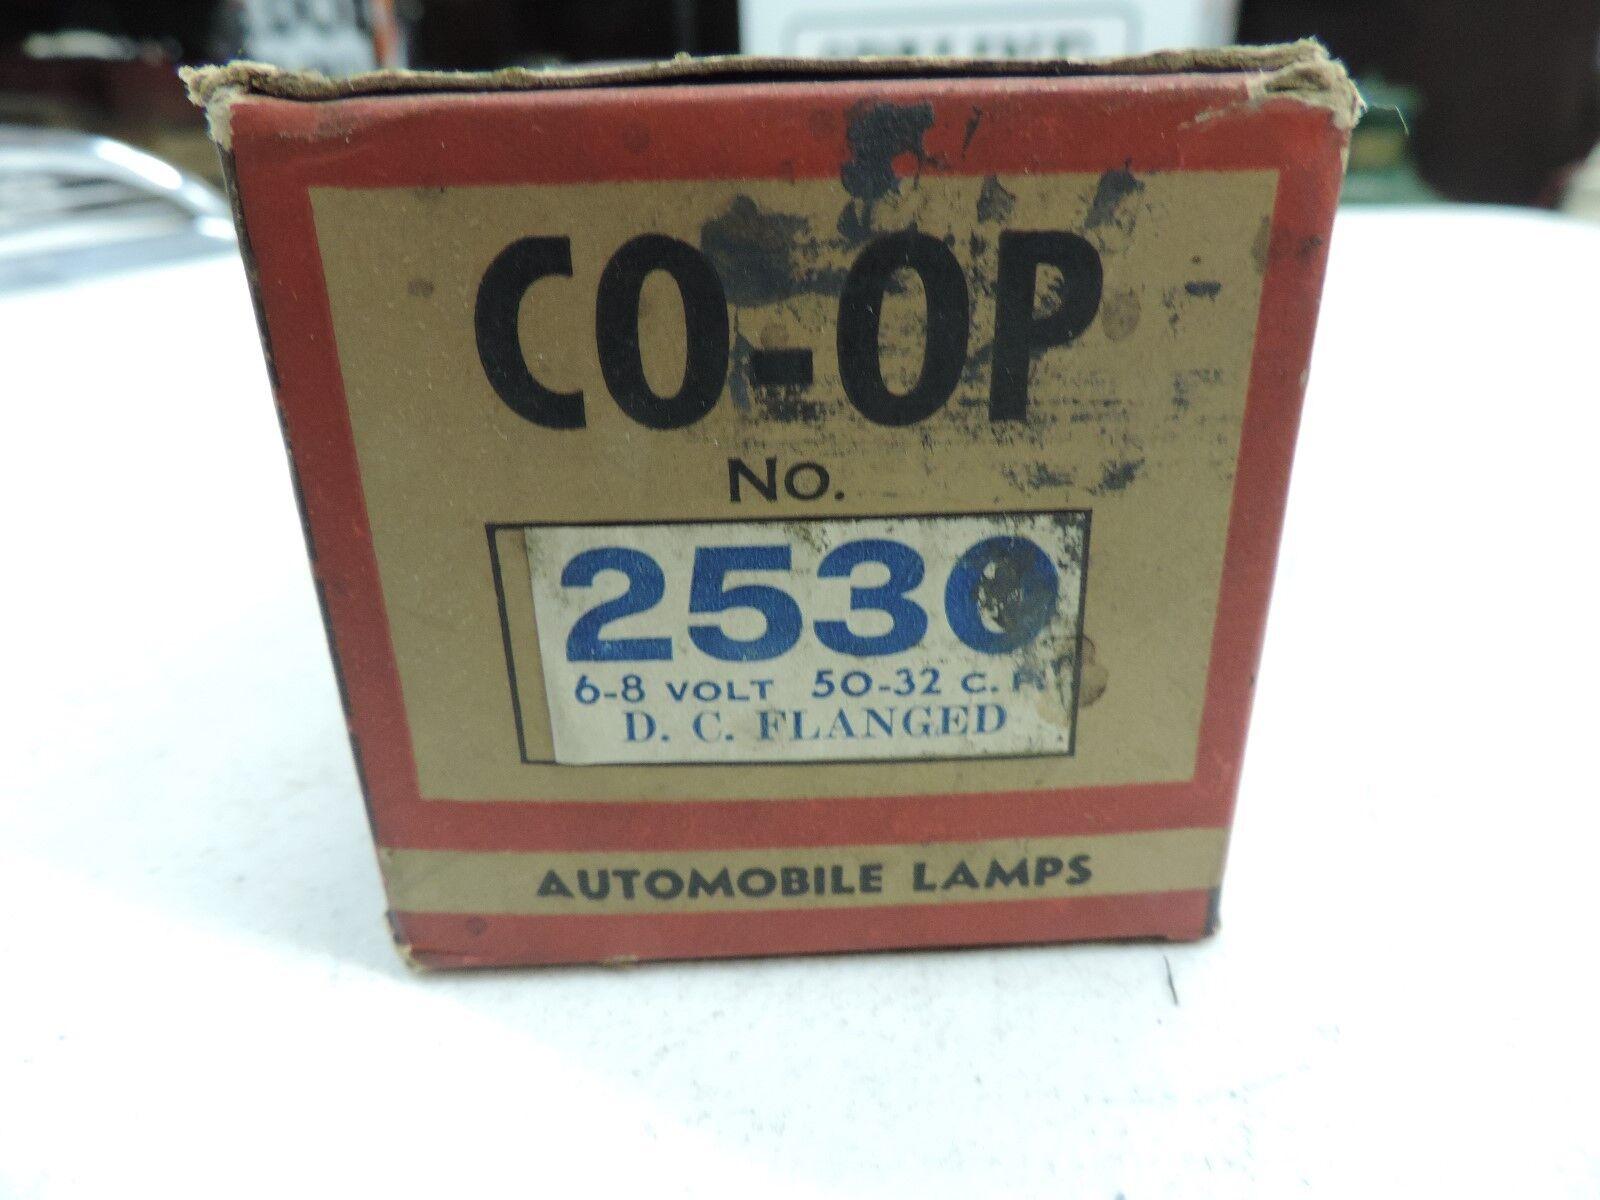 VINTAGE CO-OP AUTOMOBILE LAMP / BULB 6 - 8 VOLT 50-32 C.P. / D.C. FLANGED - NIB